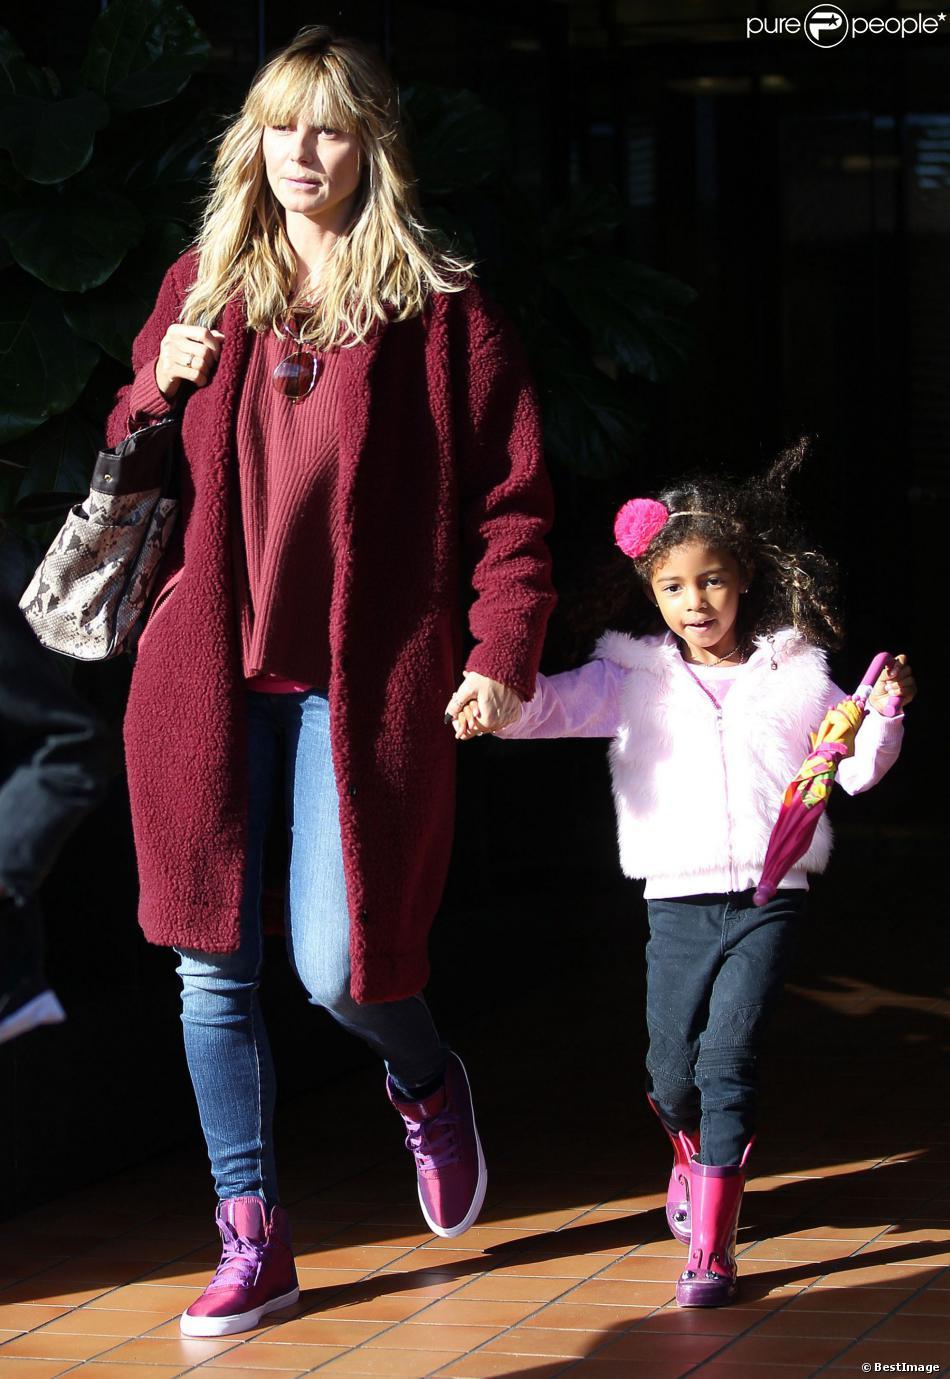 Heidi Klum et sa fille Lou Samuel quittent le restaurant Toscana dans le quartier de Brentwood. Los Angeles, le 7 décembre 2013.